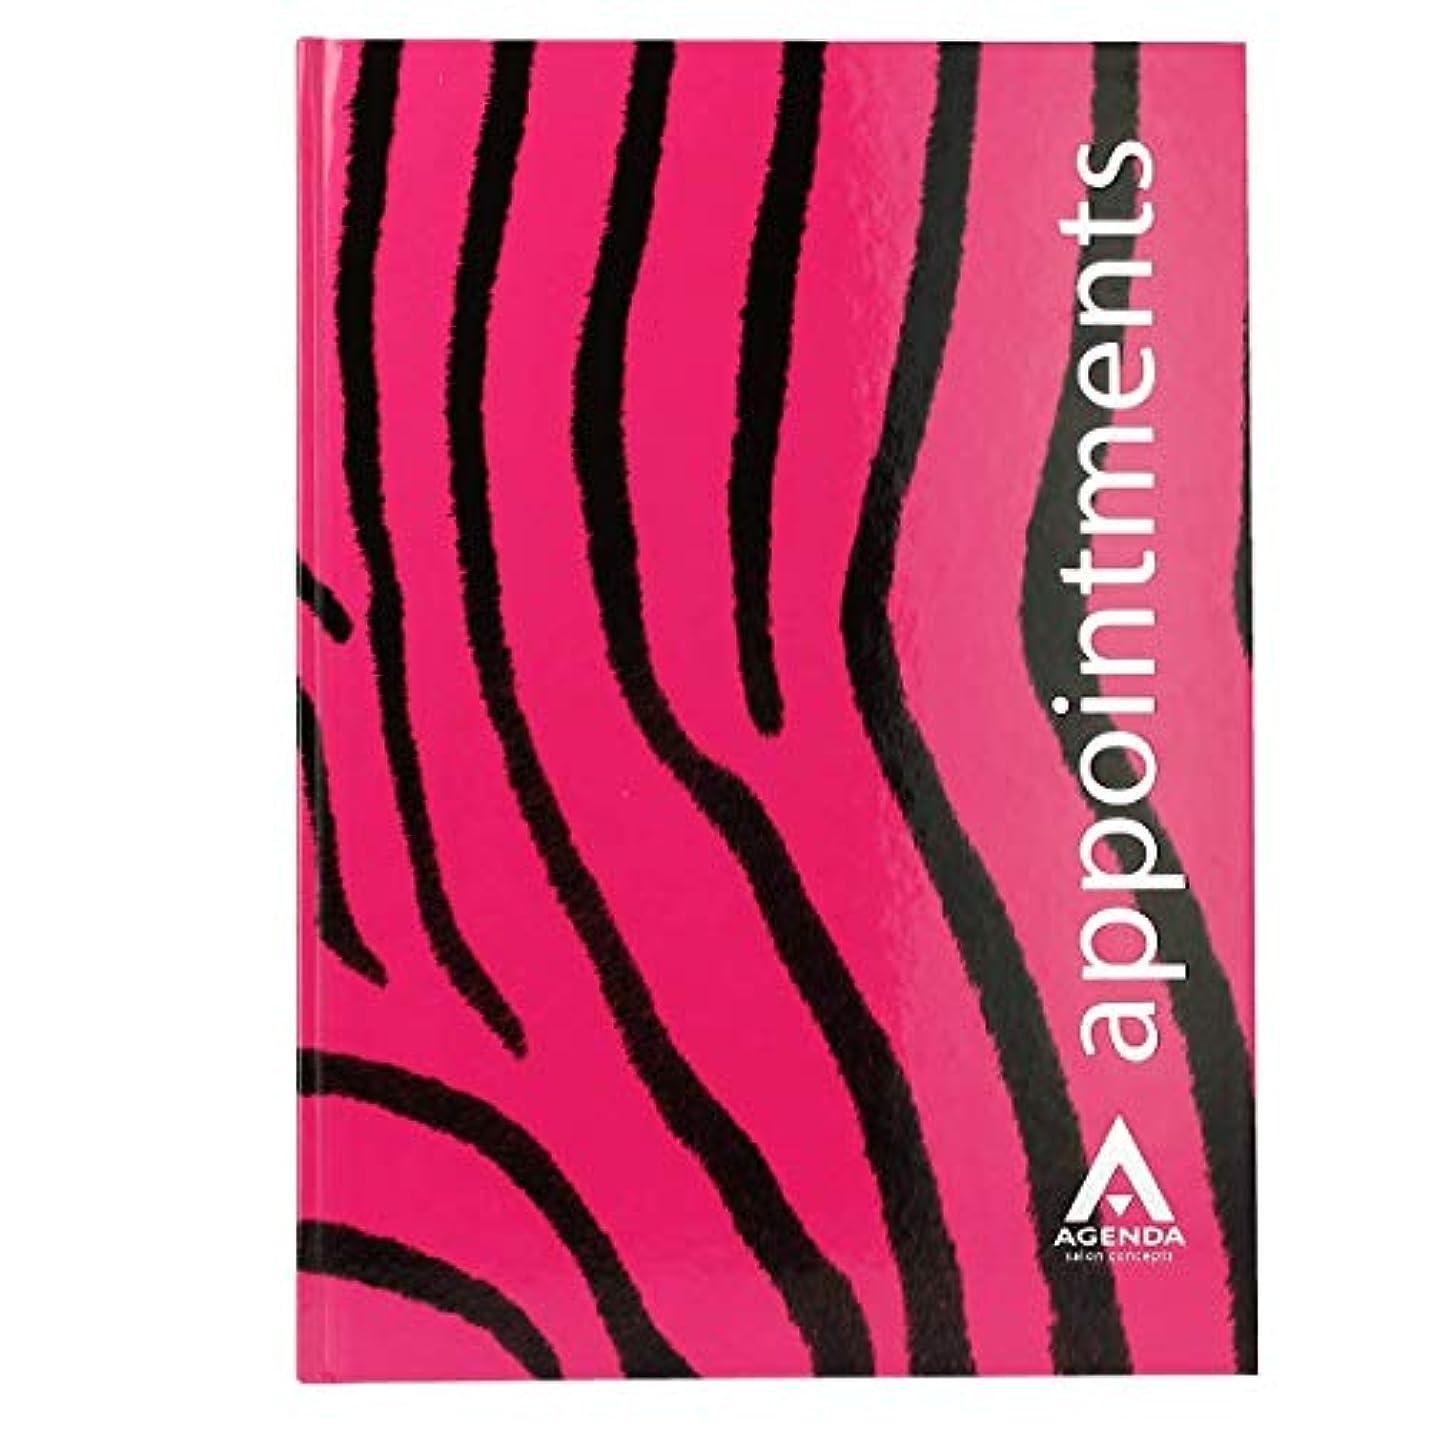 発明敬意を表して番目アジェンダ サロンコンセプト 美容アポイントメントブック6アシスタントピンクゼブラ[海外直送品] [並行輸入品]